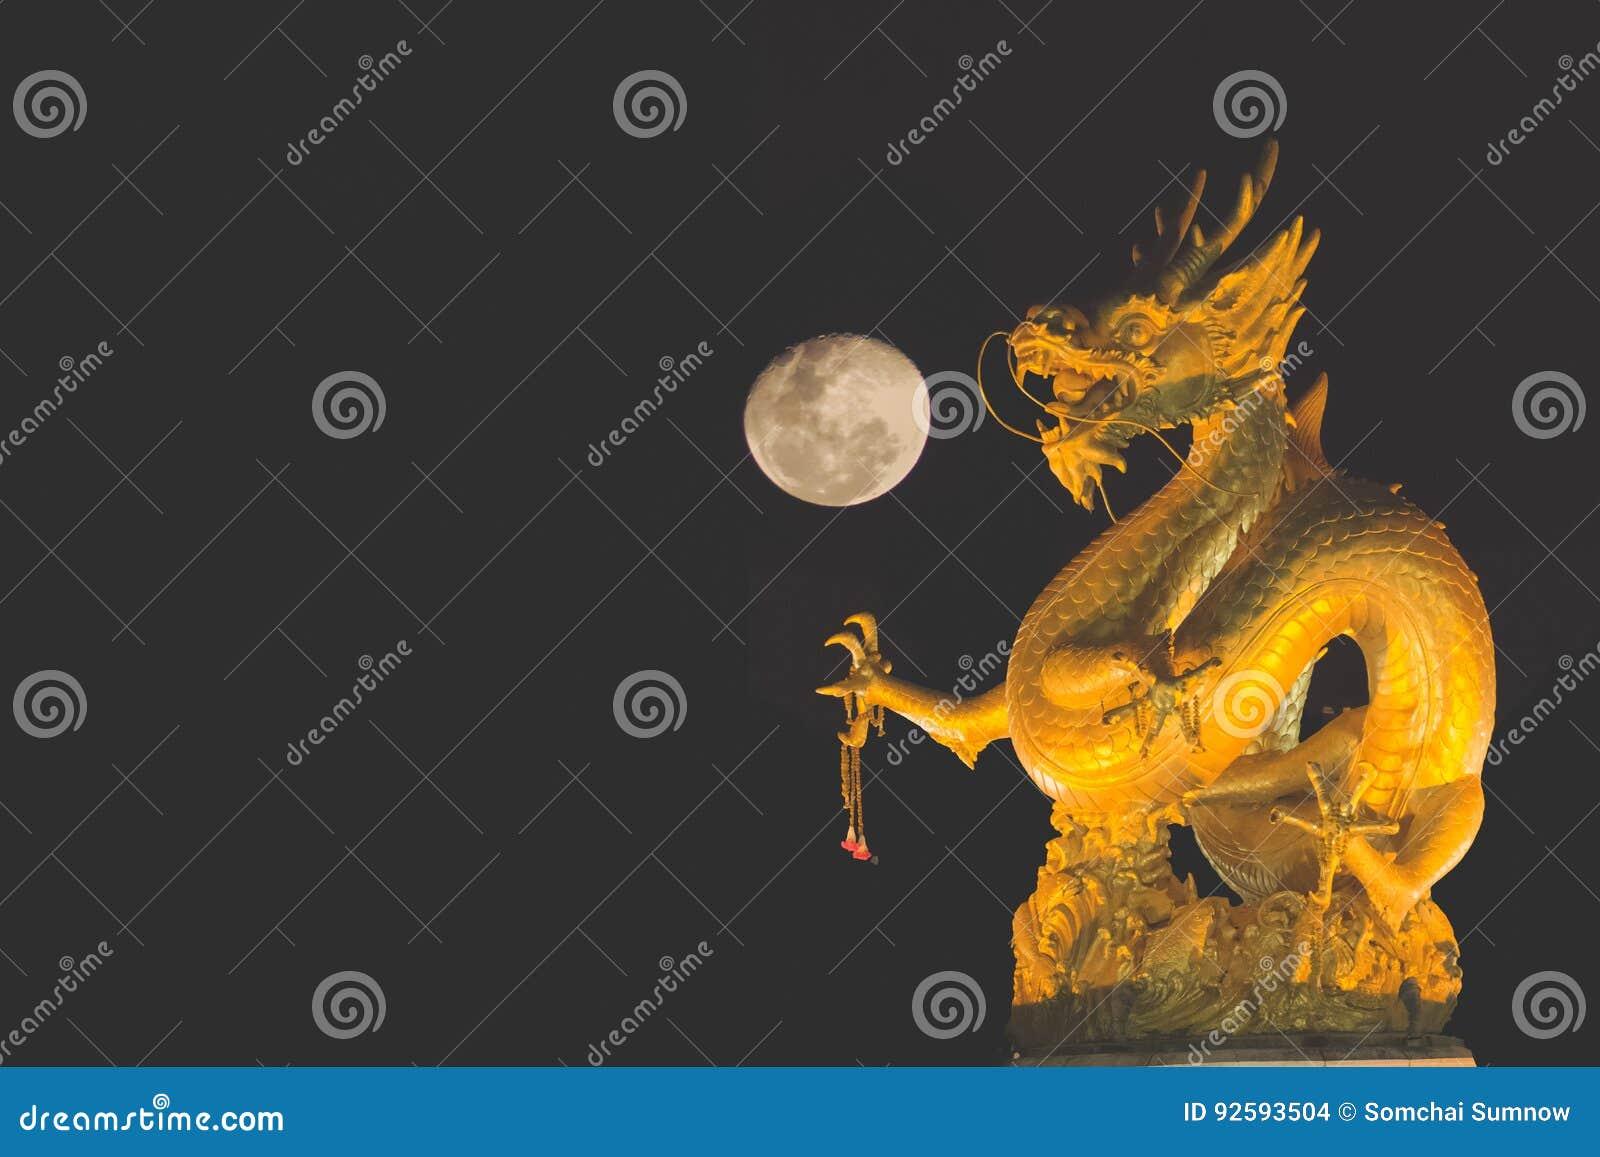 Dragon and moon